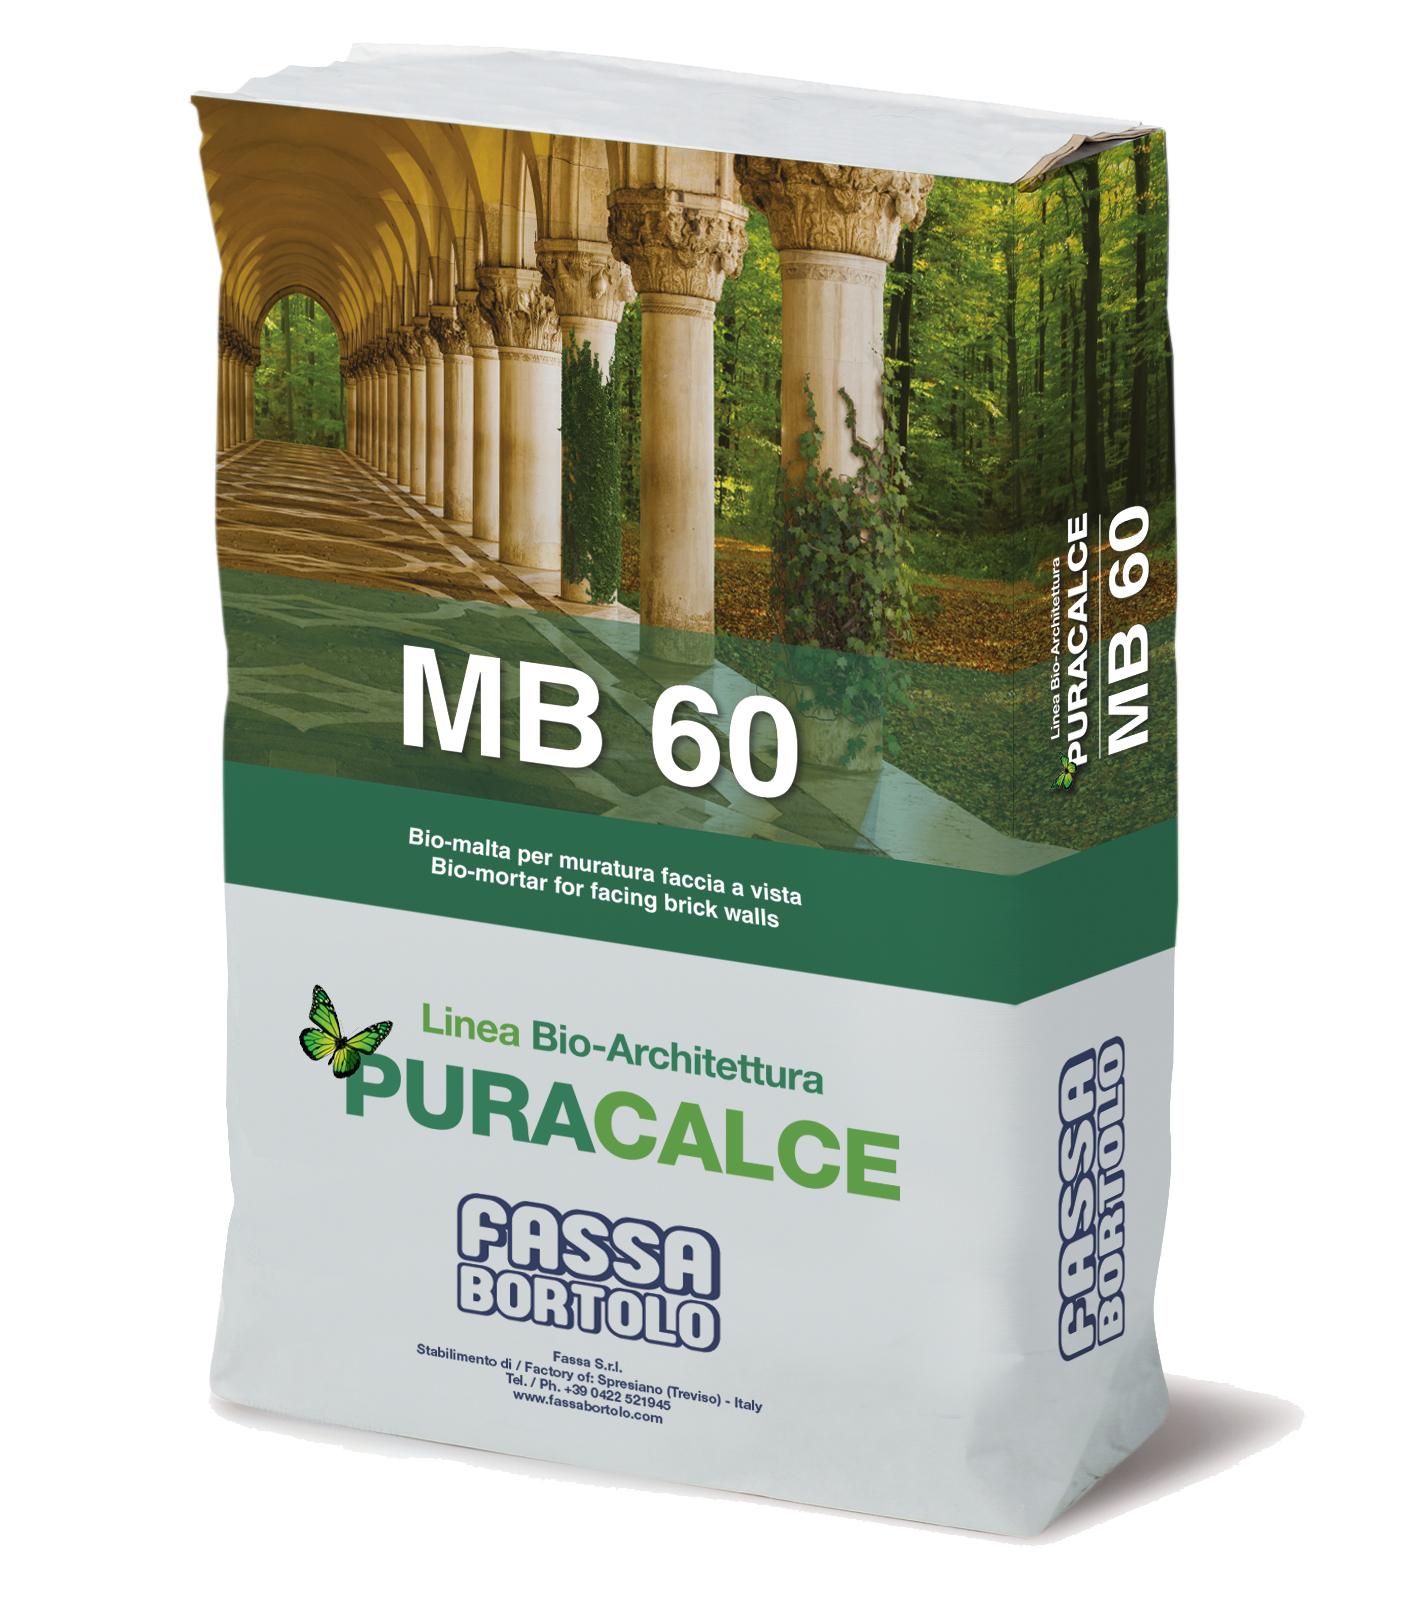 MB 60: Bio-argamassa para alvenaria face à vista, branca para interior e exterior